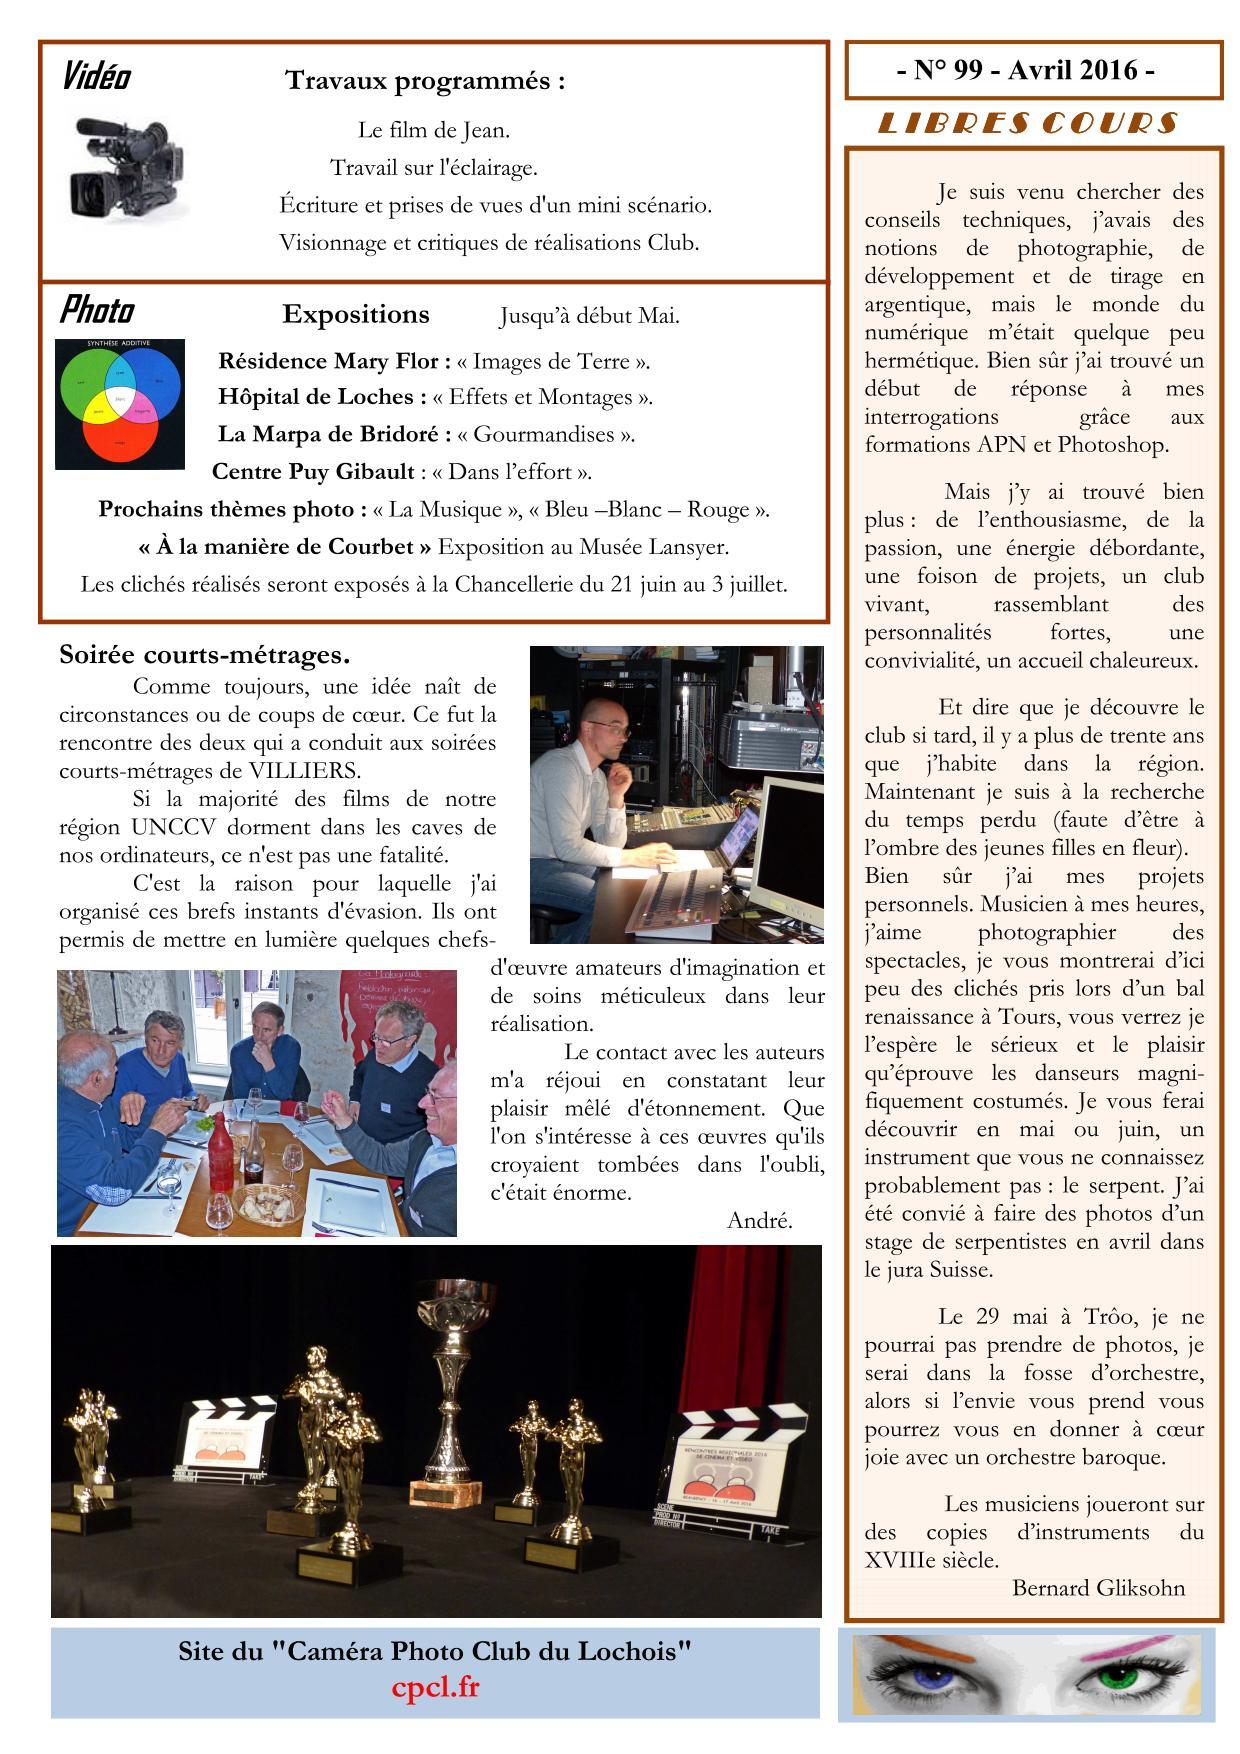 gazette_99_p2